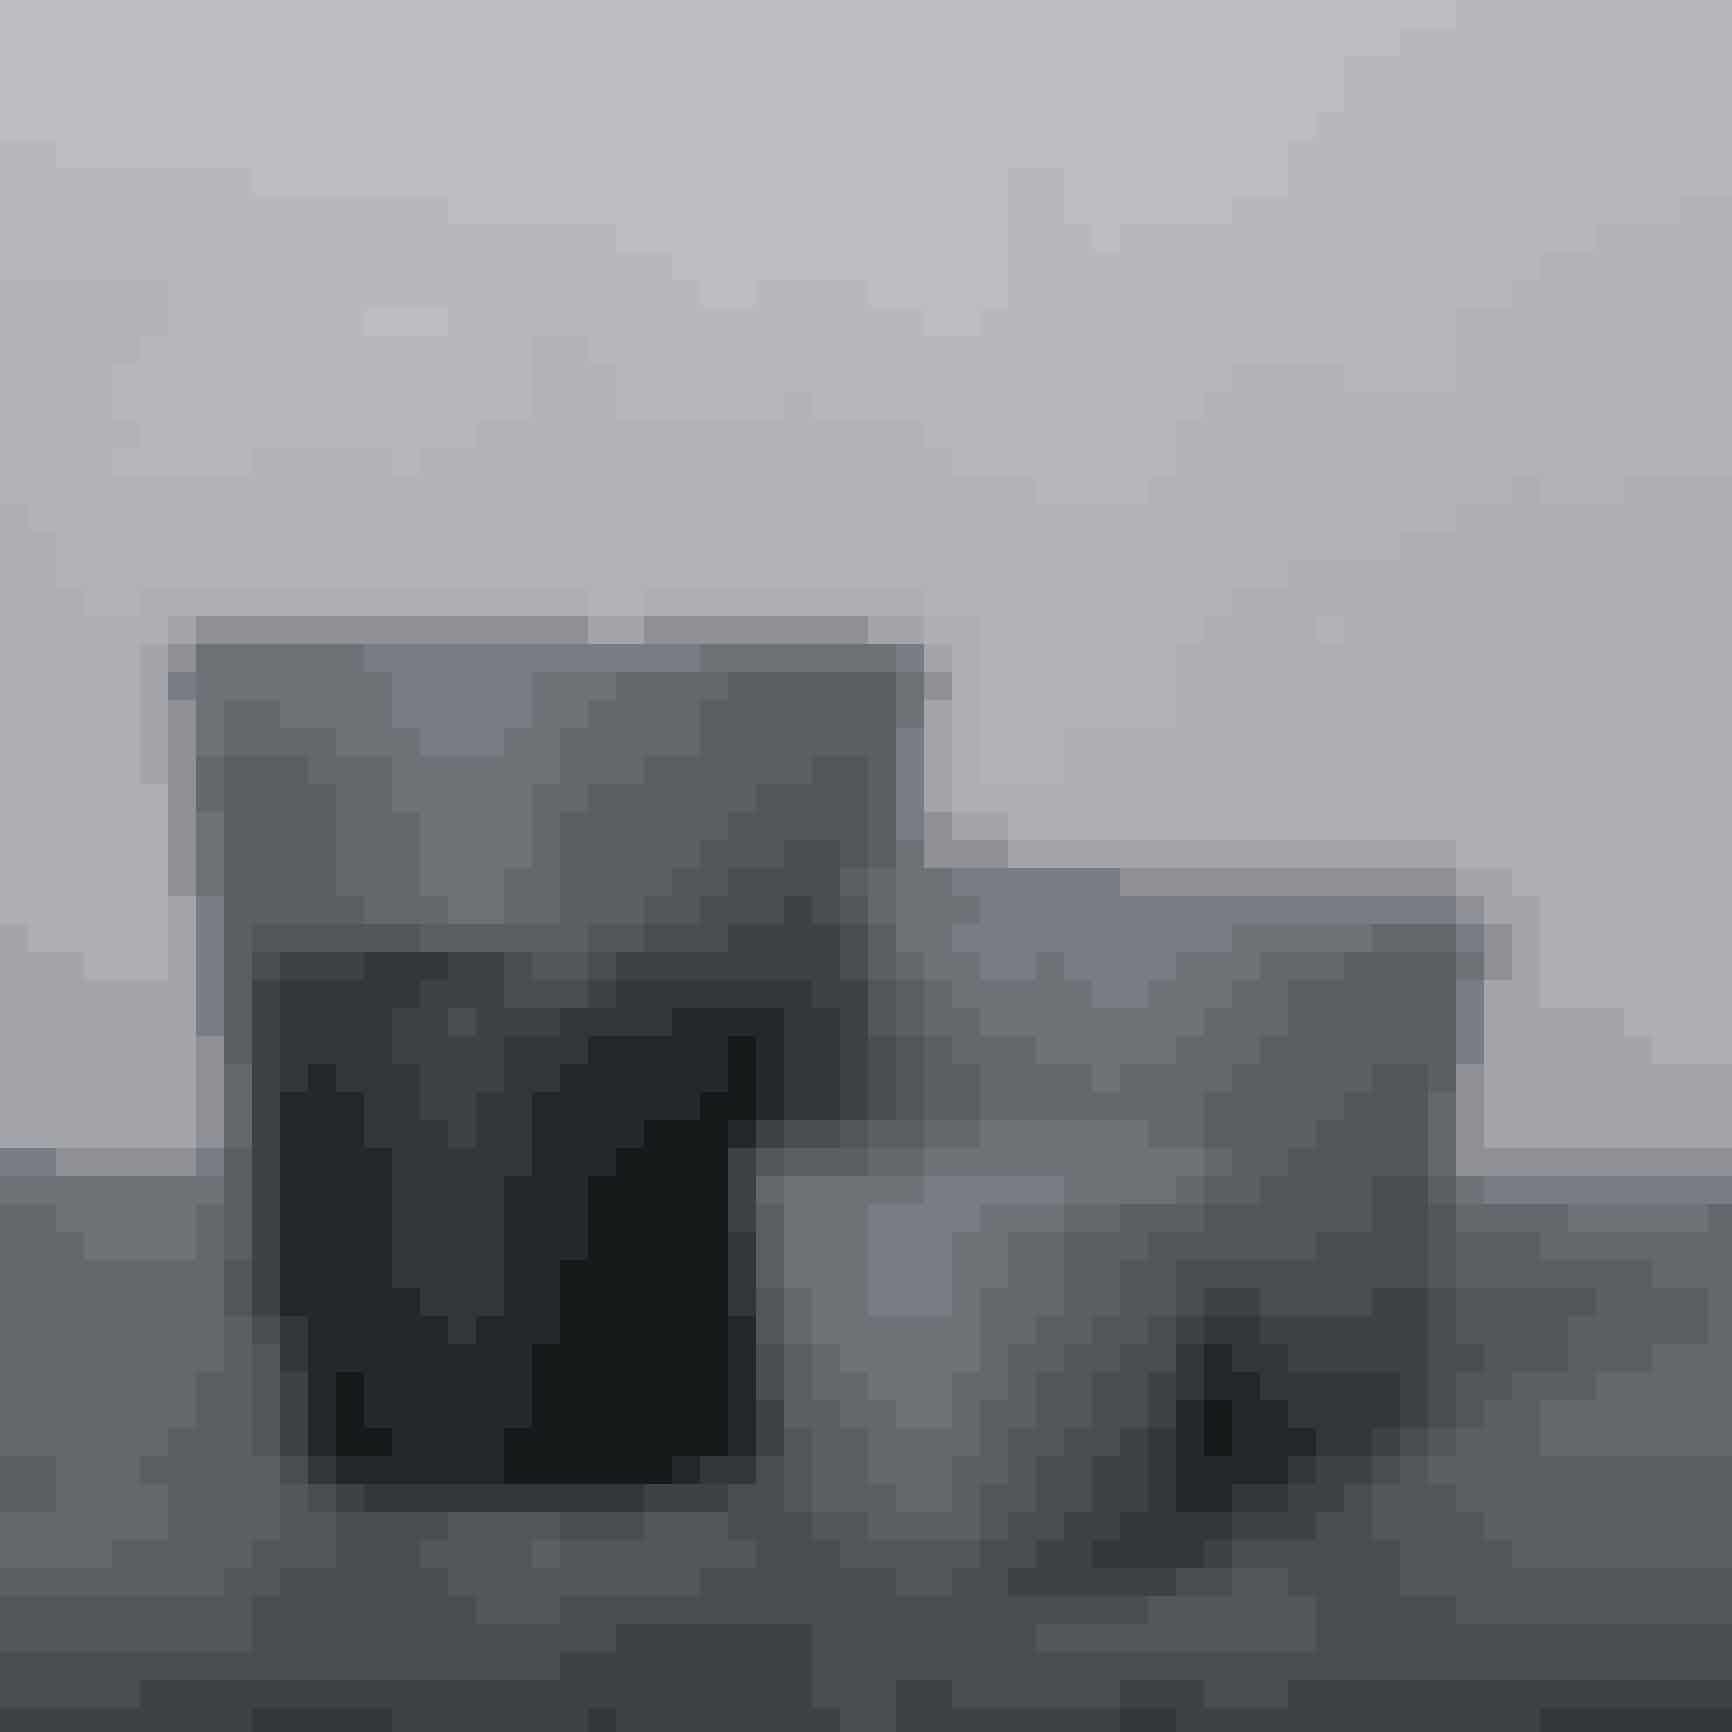 Disse flotte grå krukker kan både bruges inde og ude, findes i forskellige størrelse, fra 65 kr. Greenify.dkKøb dem her!